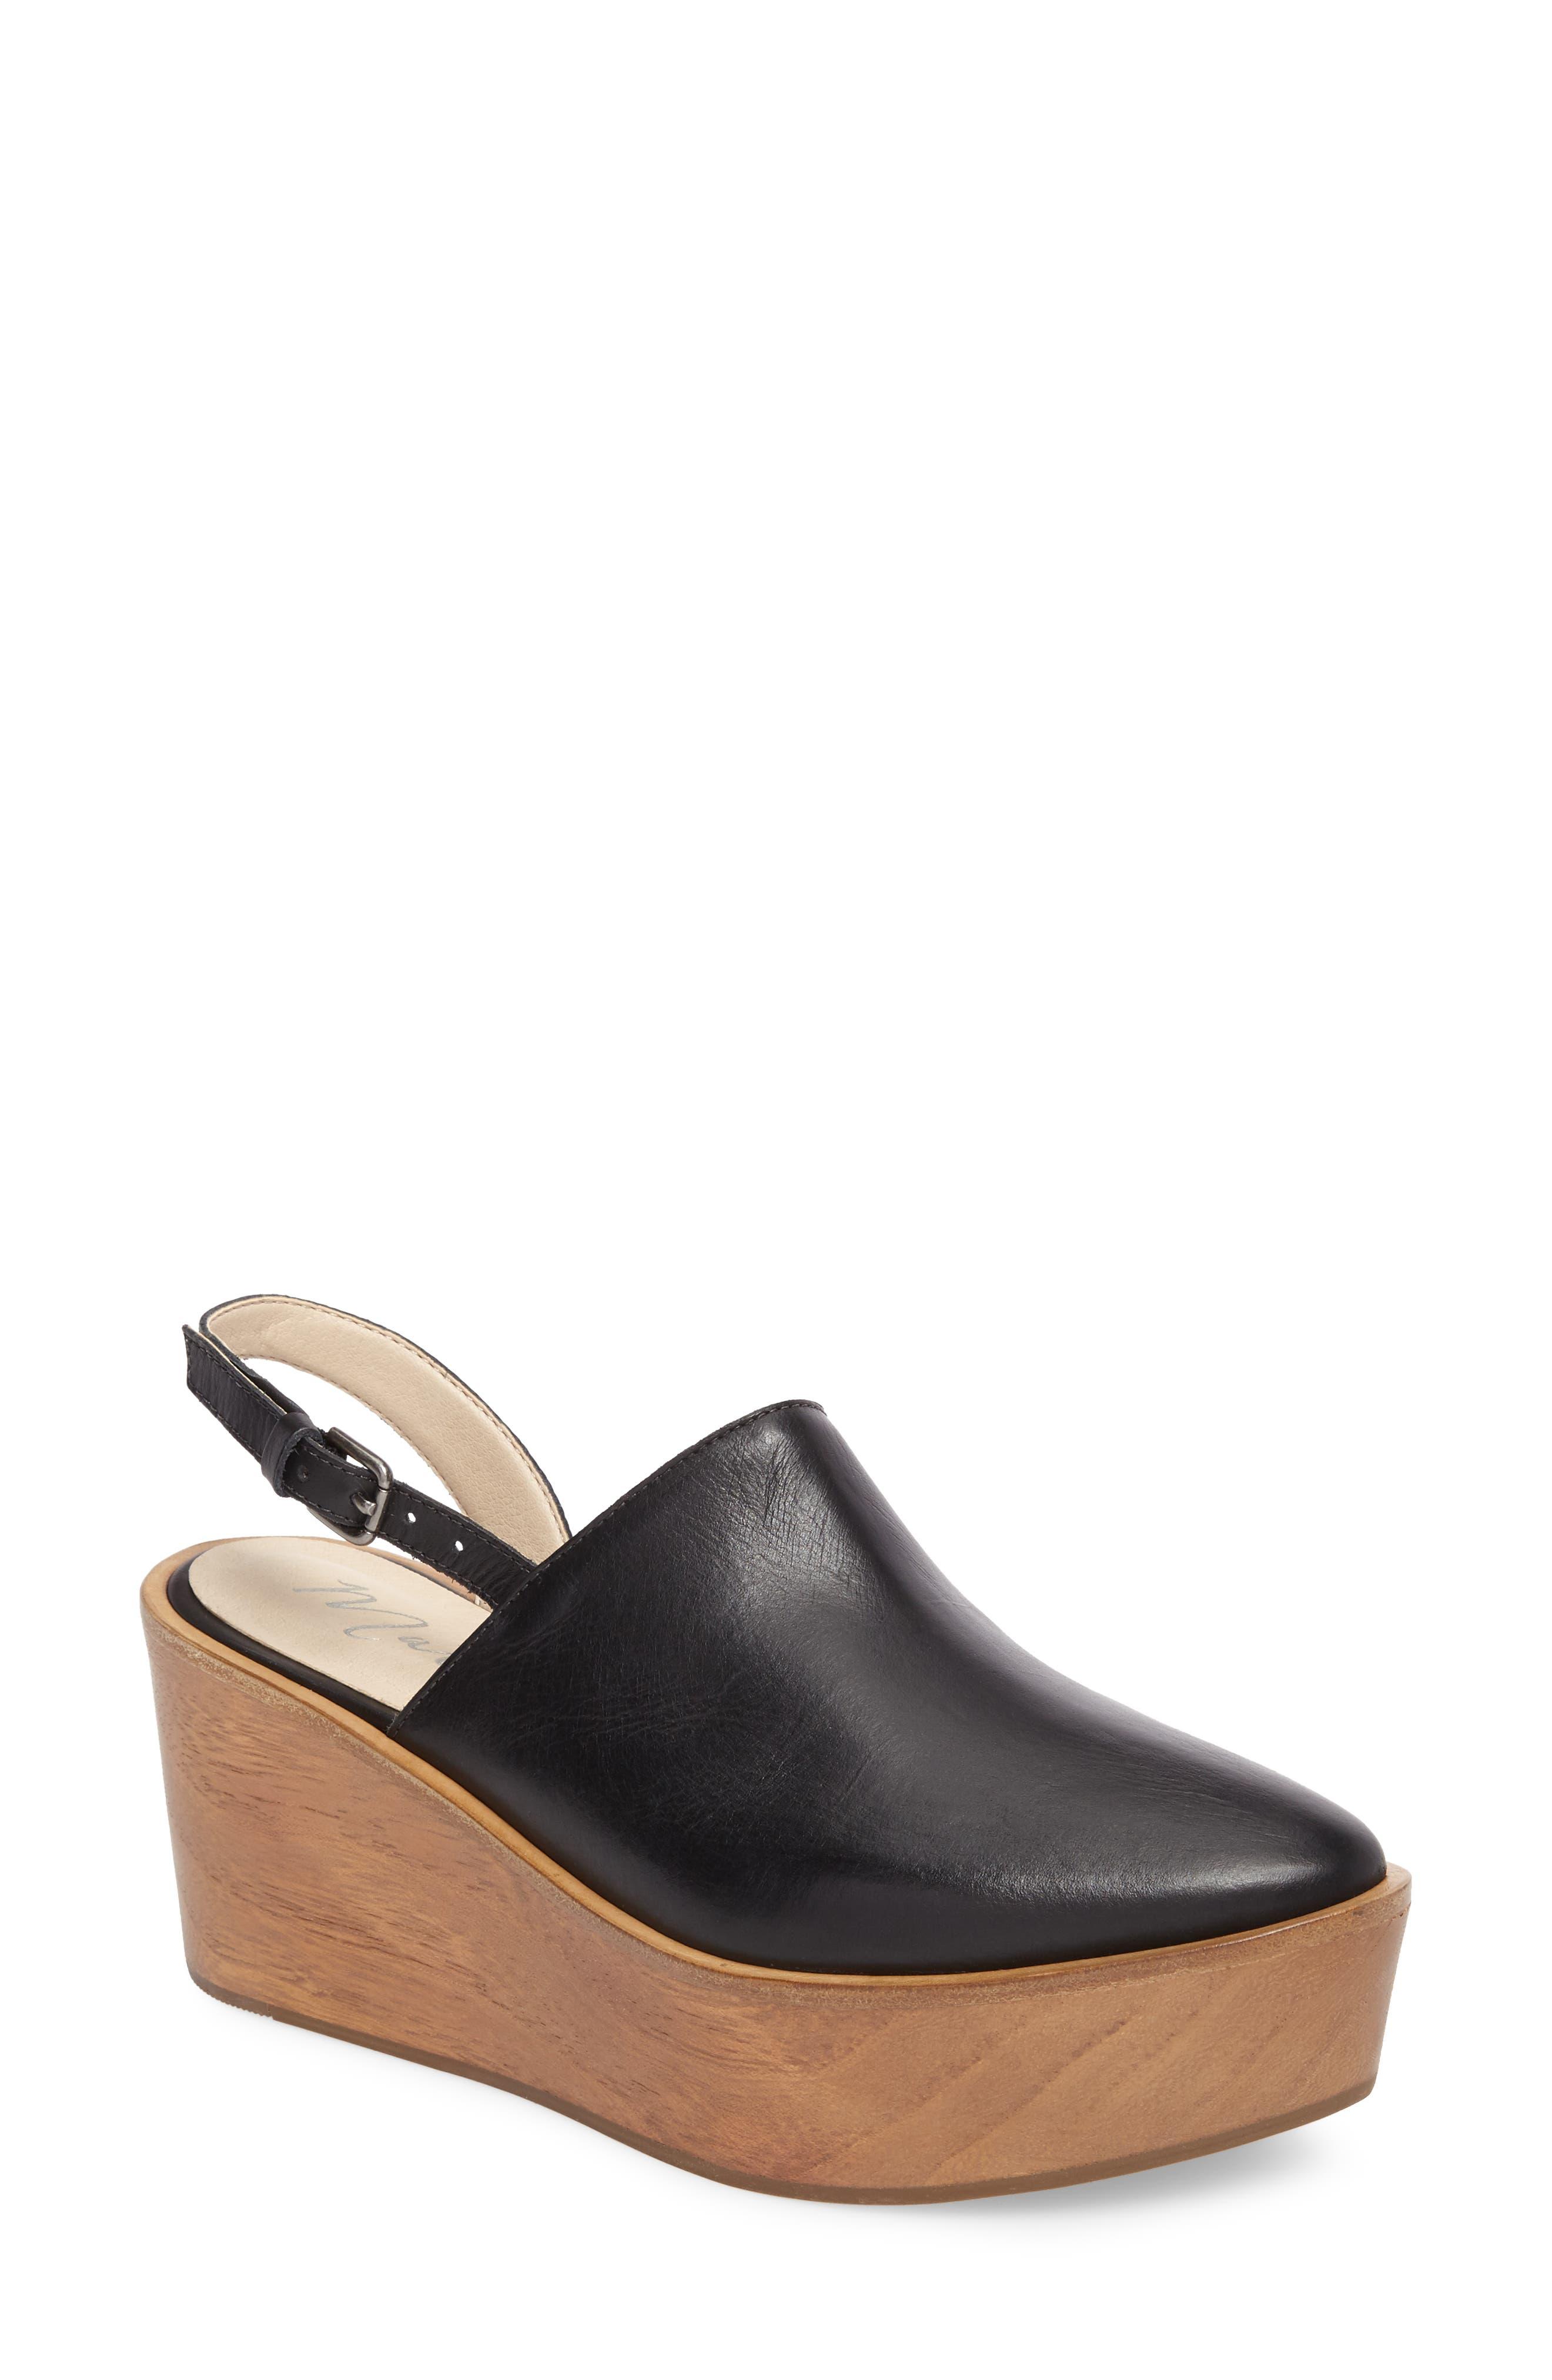 Eyals Slingback Platform Wedge Sandal,                             Main thumbnail 1, color,                             BLACK LEATHER